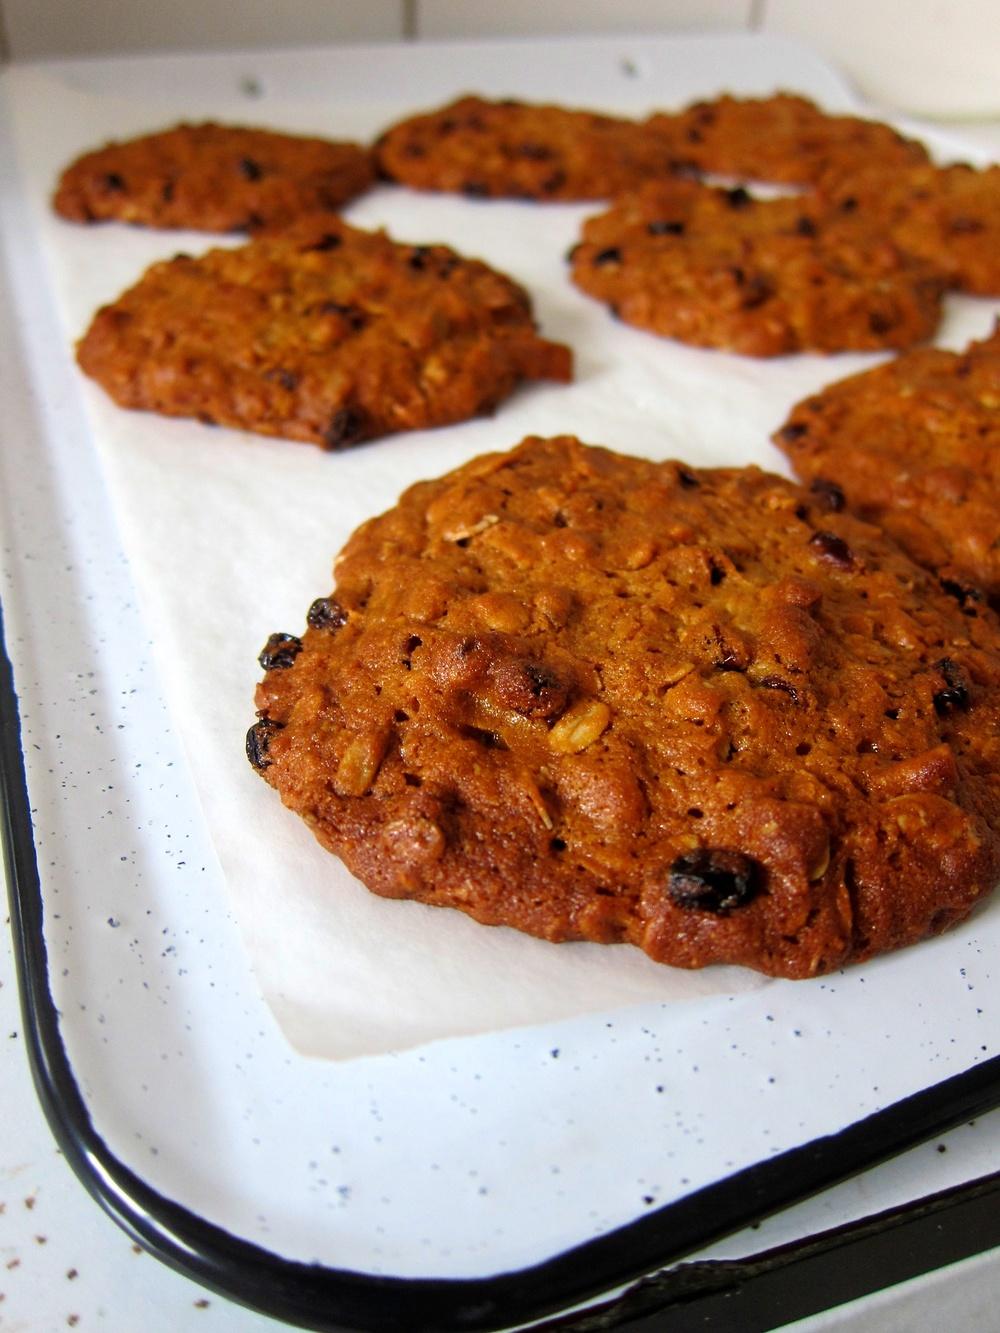 biscuit_11.jpg